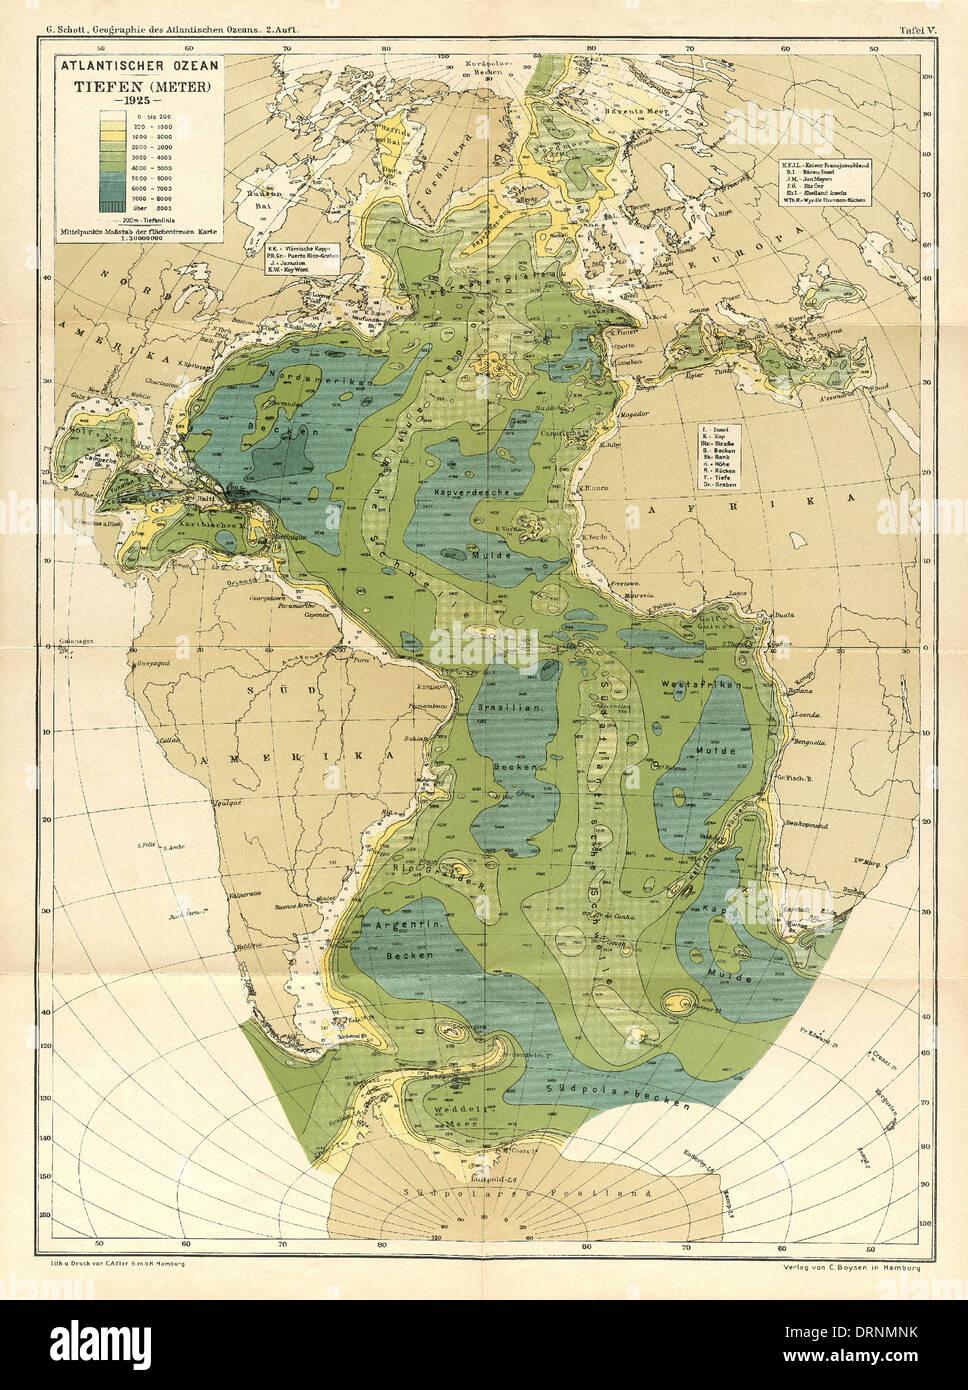 Topographic Map Of Ocean Floor.Map Of Atlantic Ocean Floor From Geographic Das Atlantischen Ozeans